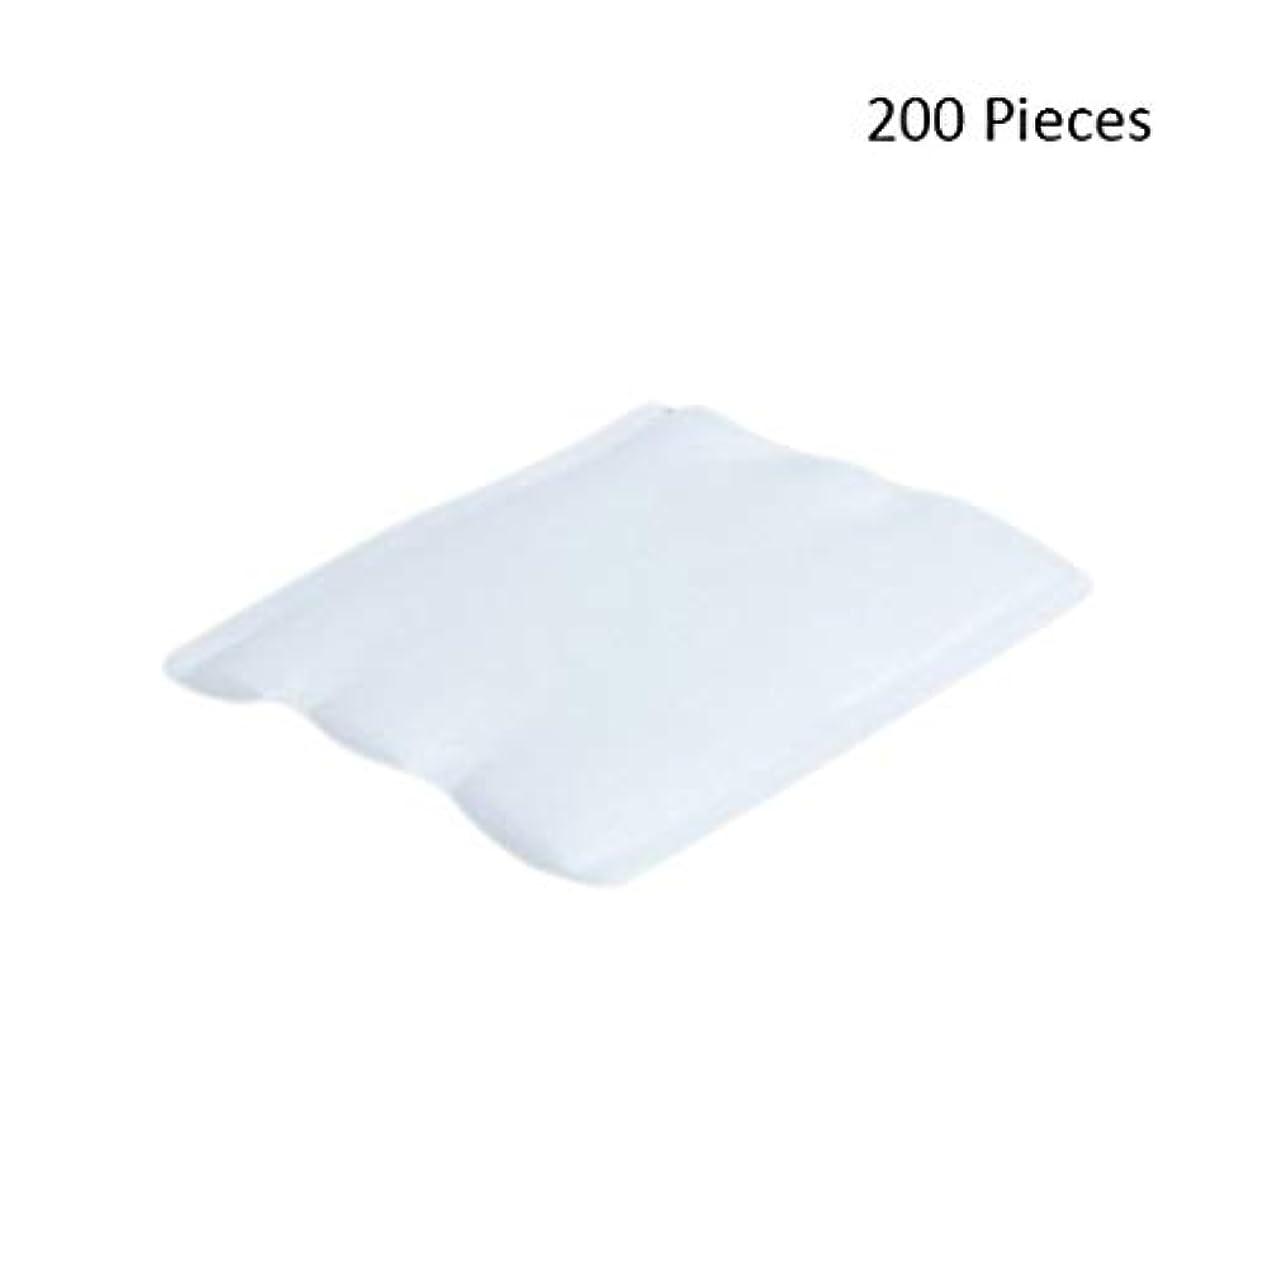 スカルクきらきら請求可能200ピースフェイスメイクアップリムーバーオーガニックフェイシャルクレンジングメイクアップ化粧品リムーバーワイプフェイスウォッシュスキンケアコットンパッド (Color : White, サイズ : 6*5cm)